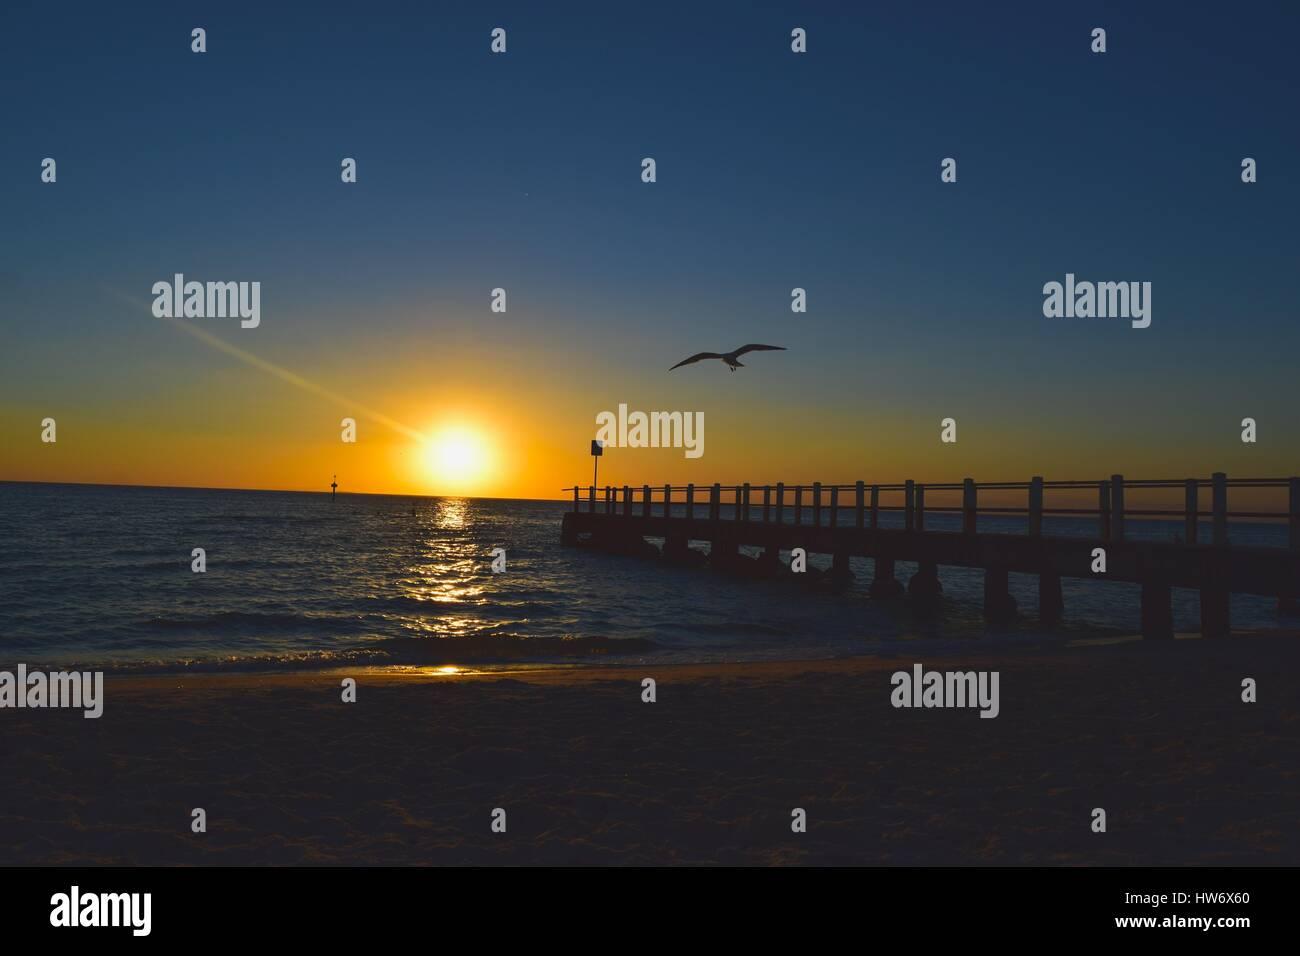 L'un des nombreux beaux couchers de soleil sur la plage de Brighton, dans un endroit calme et paisible soirée. Photo Stock